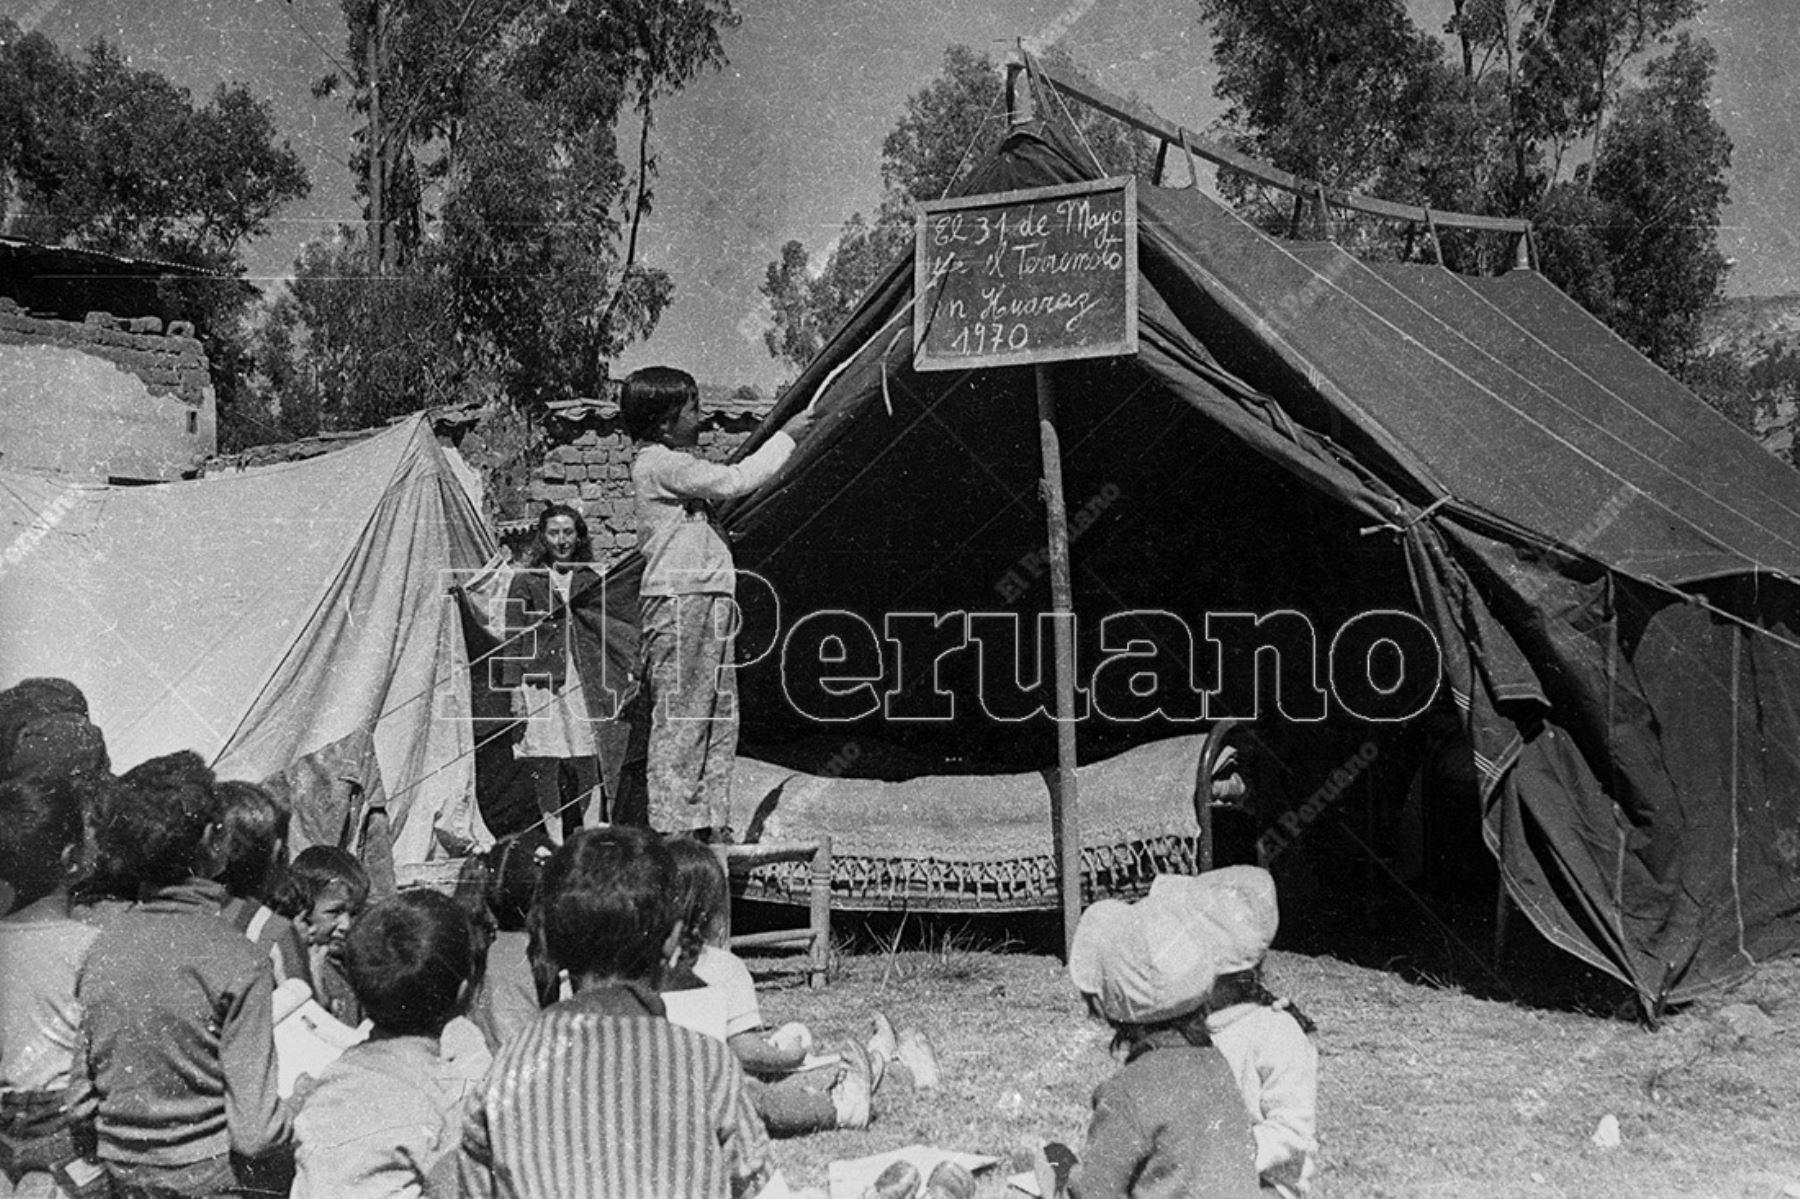 Ancash - 01 jun 1970 / Terremoto de Yungay. Niños damficados por el sismo alojados en carpas y albergues en Huaraz.  Foto: Archivo Histórico de El Peruano